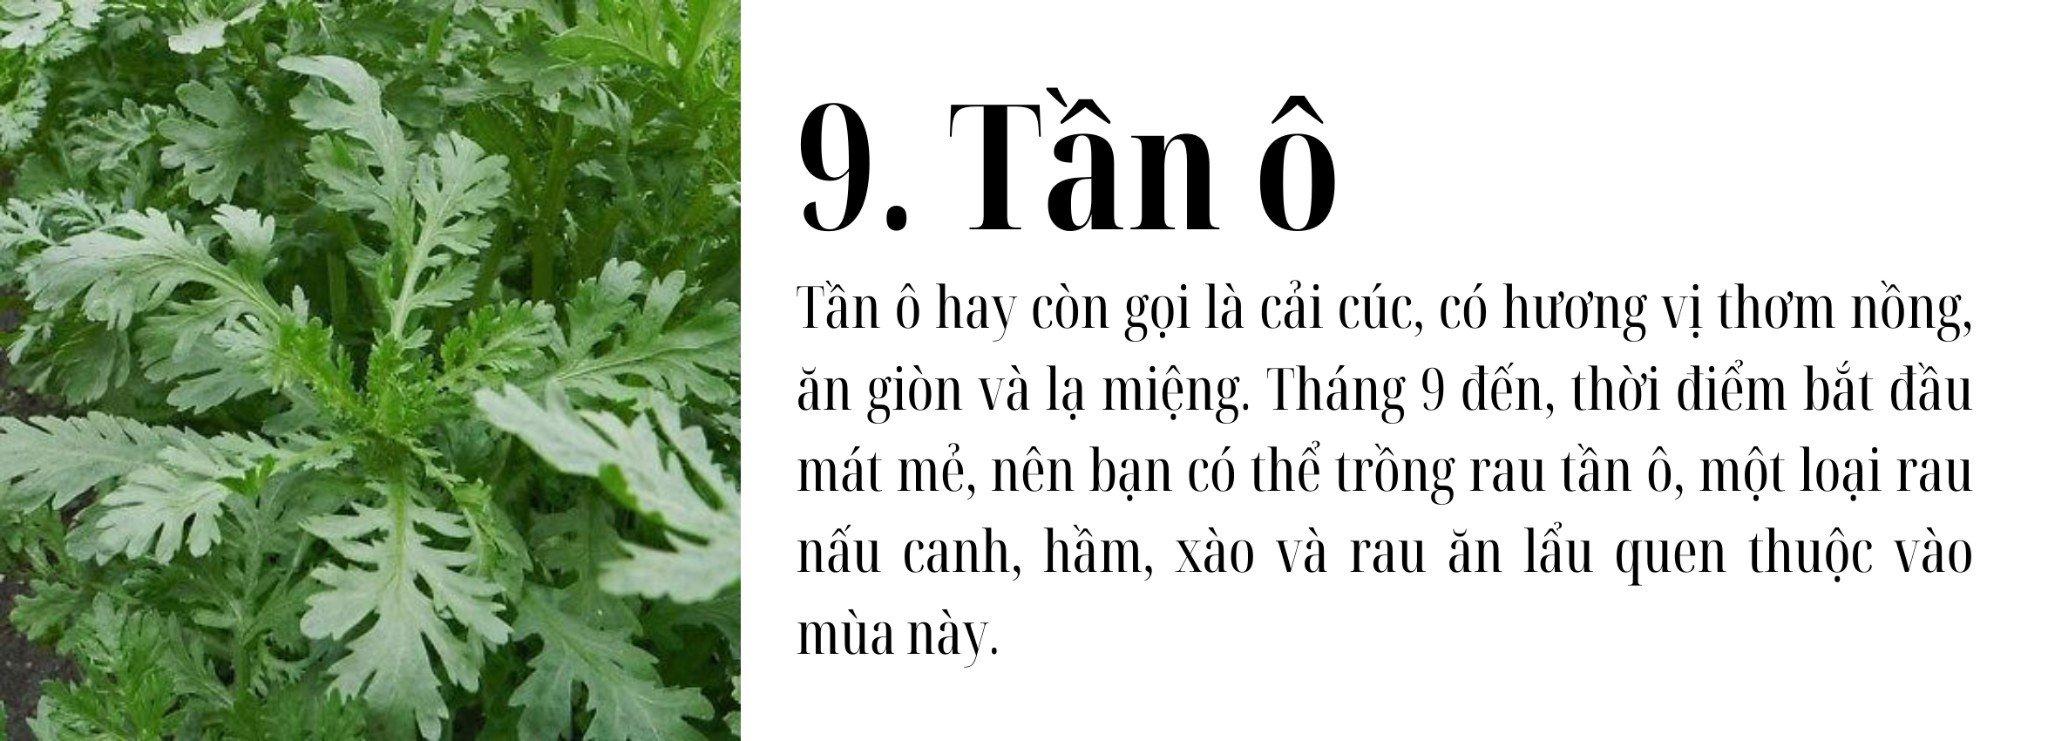 thang-9-trong-rau-gi